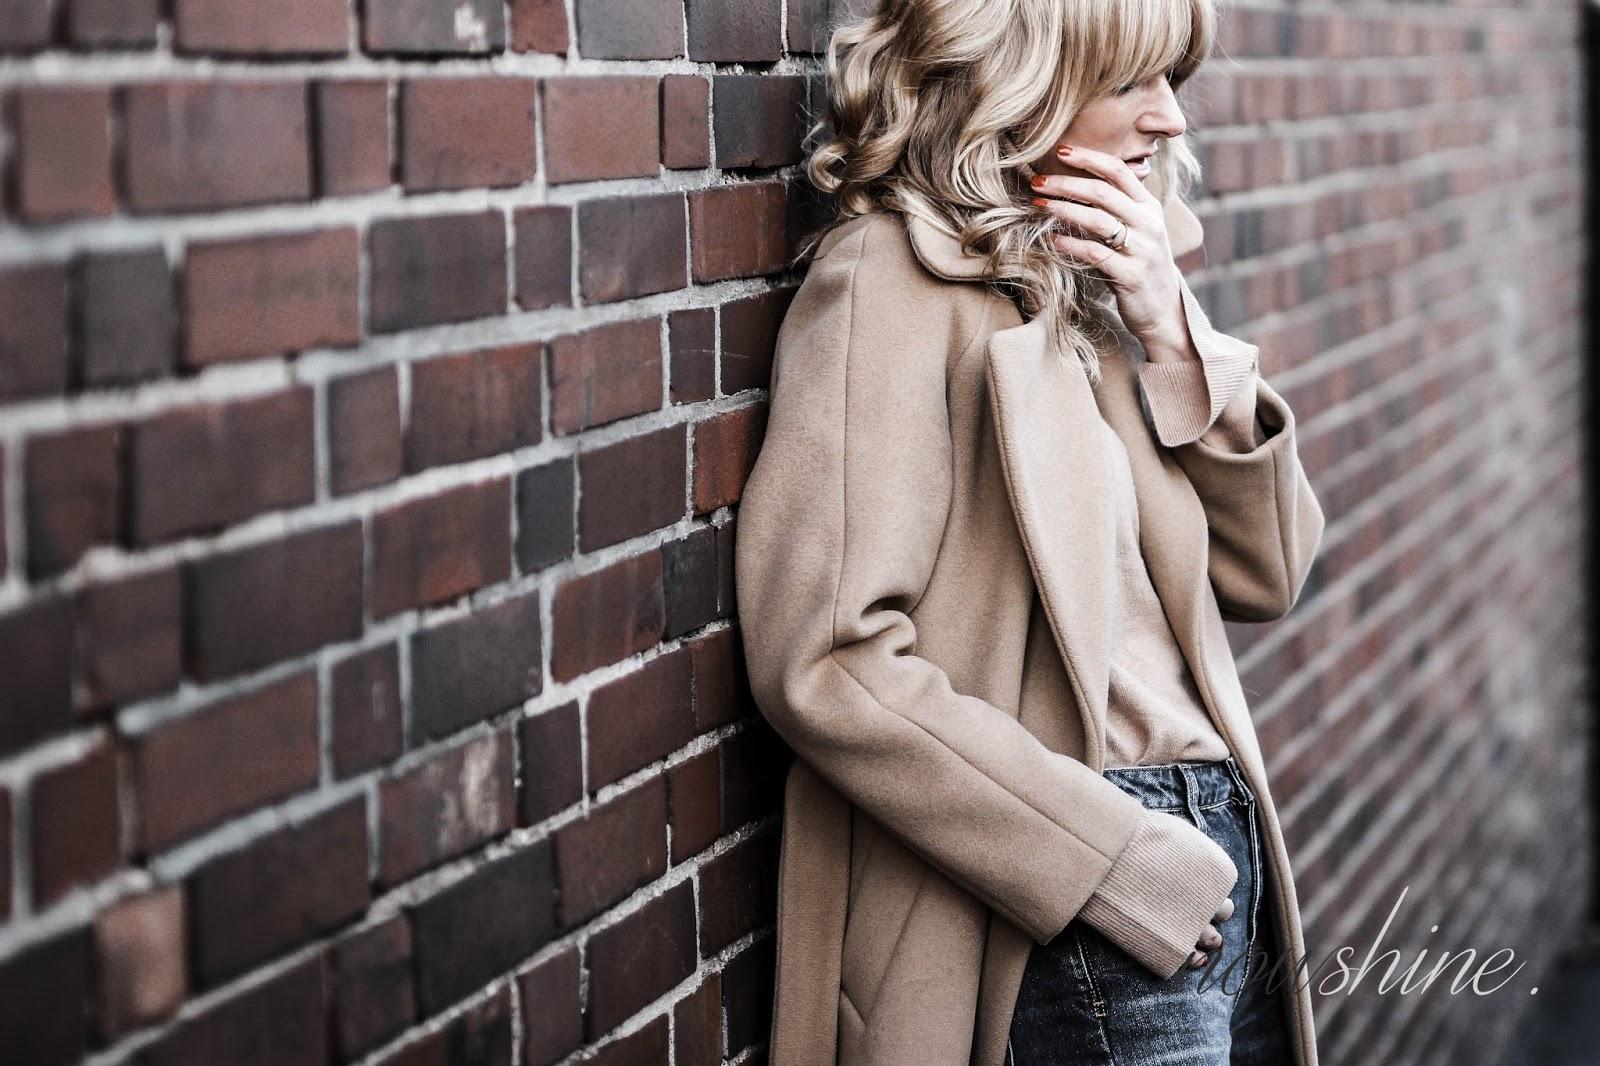 Ü 40 Bloggerin Nowshine trägt einen Mantel und Rollkragenpullover in Camel